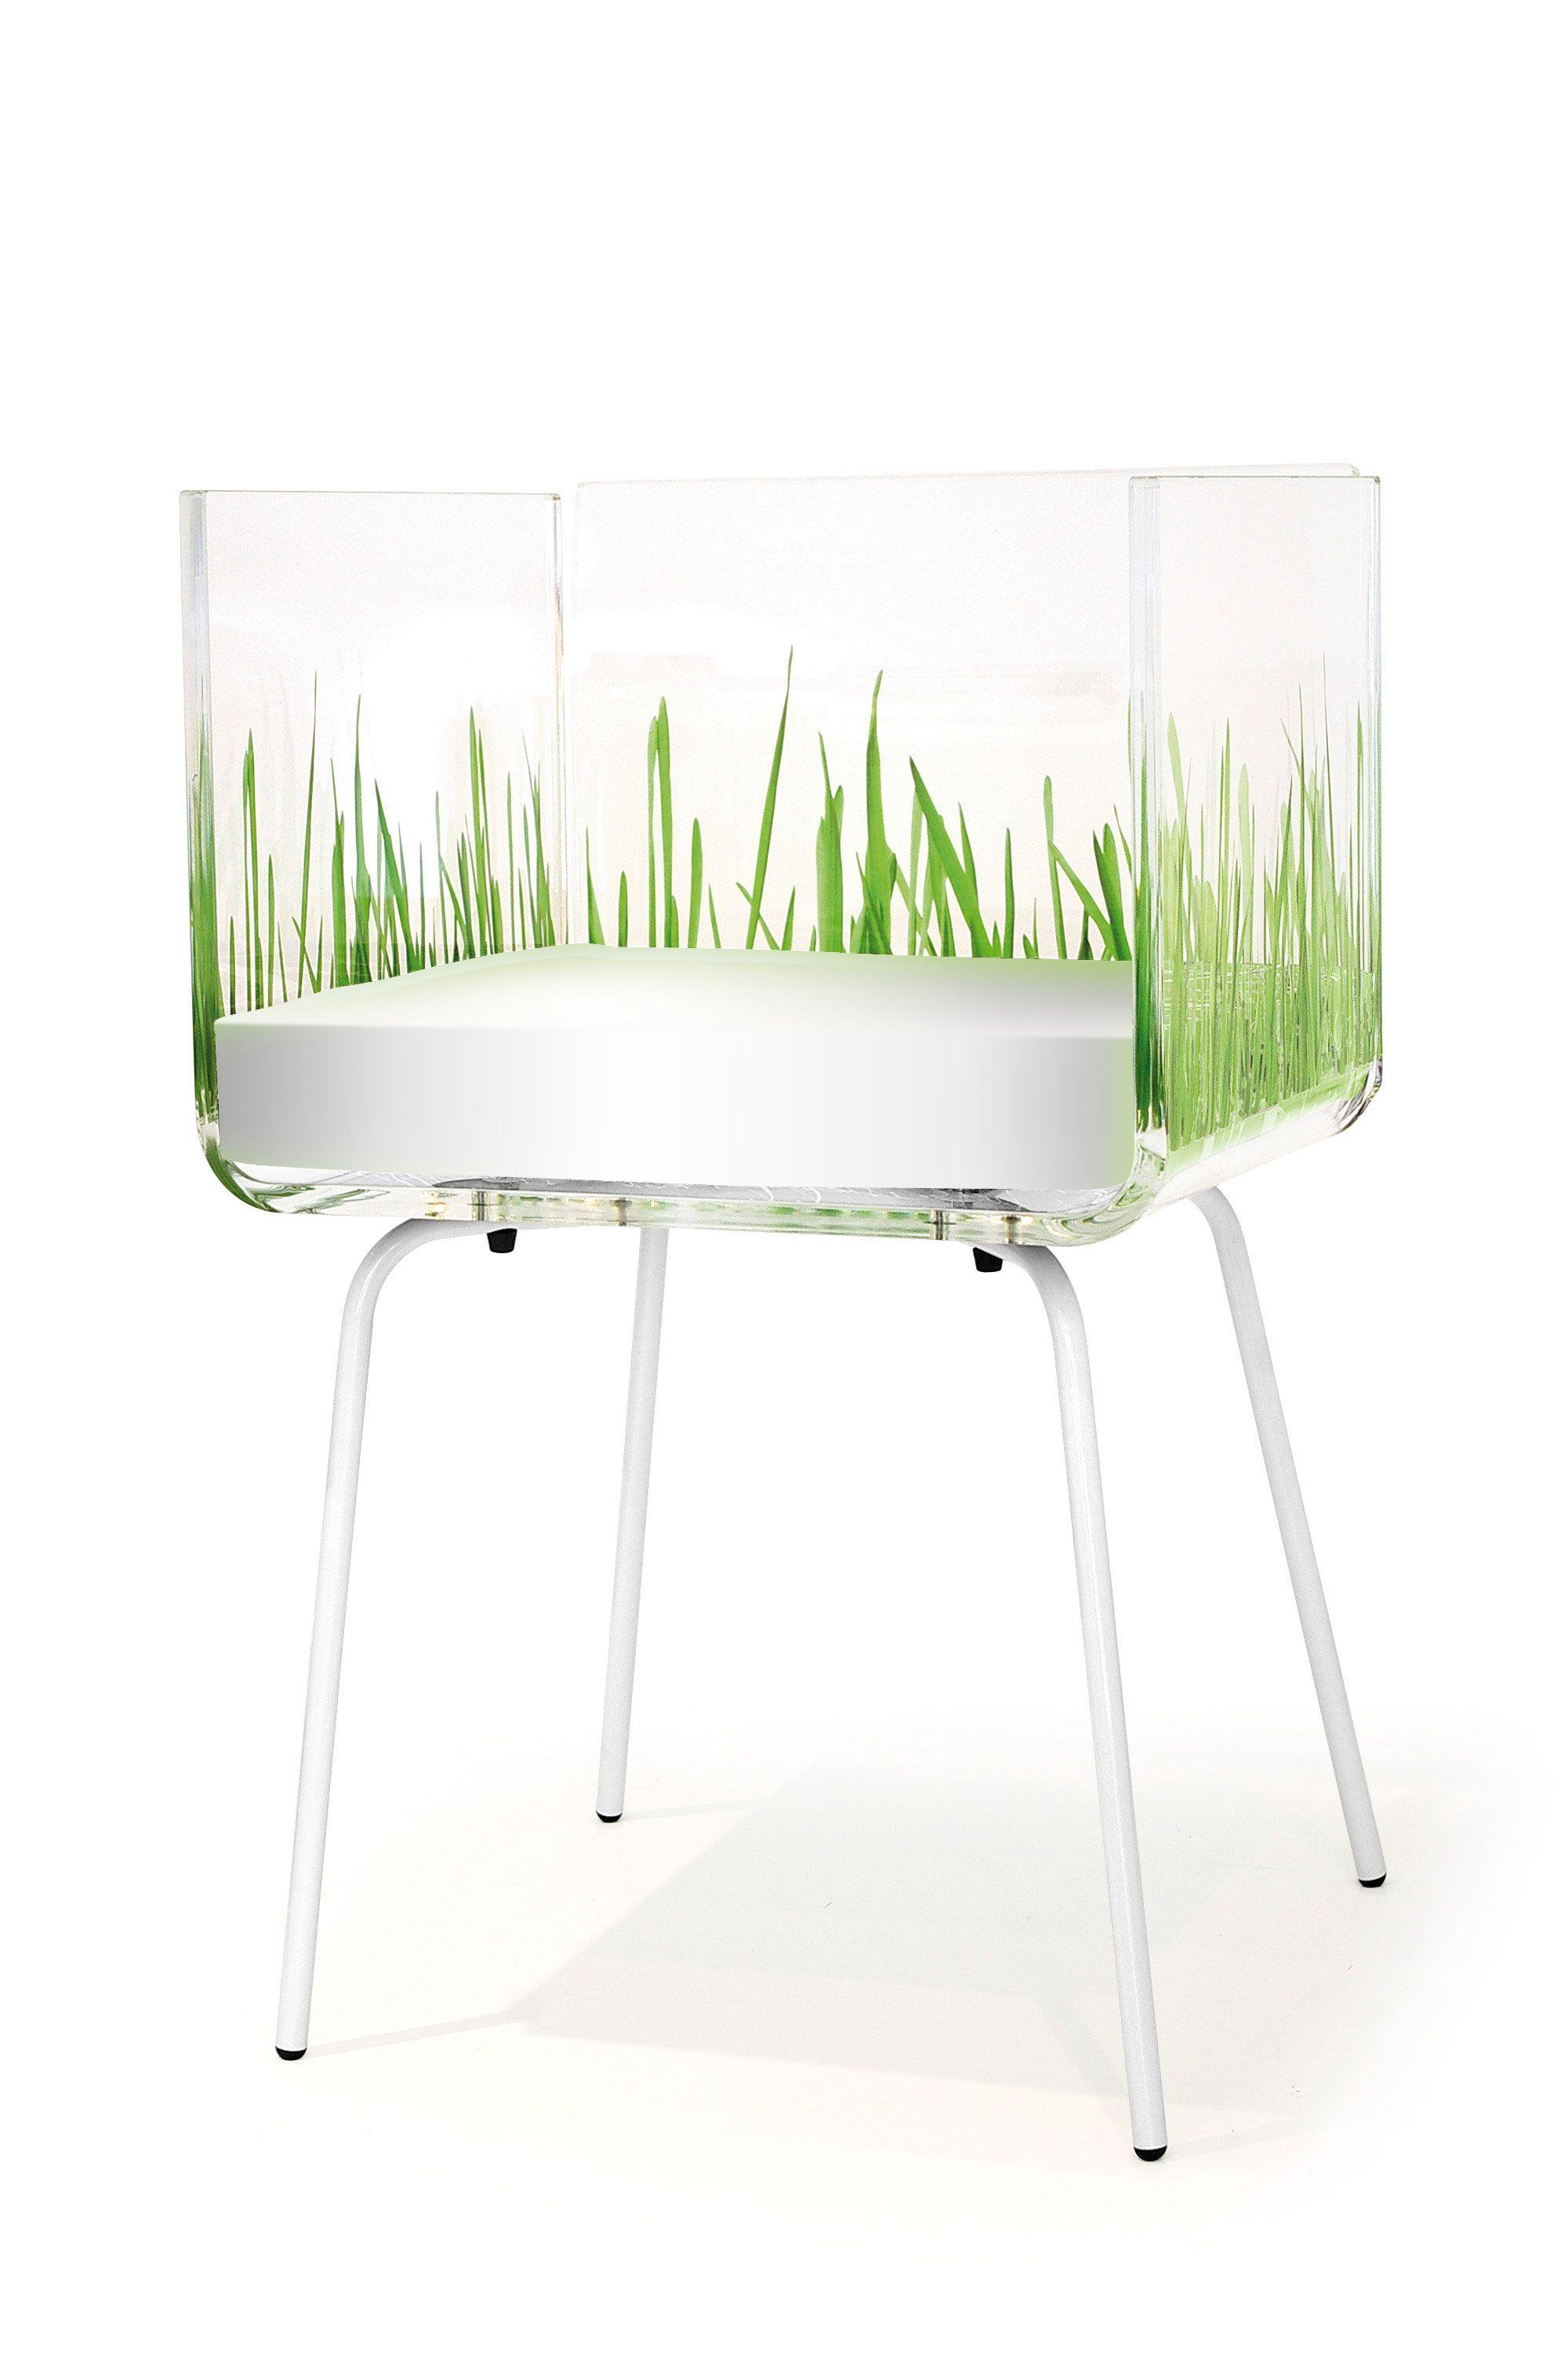 Mobilier Design Mobilier Personnalise Meubles Design Meubles Plexiglas Chaises Design Verte Chaises Person Fauteuil Design Chaise Design Mobilier De Salon